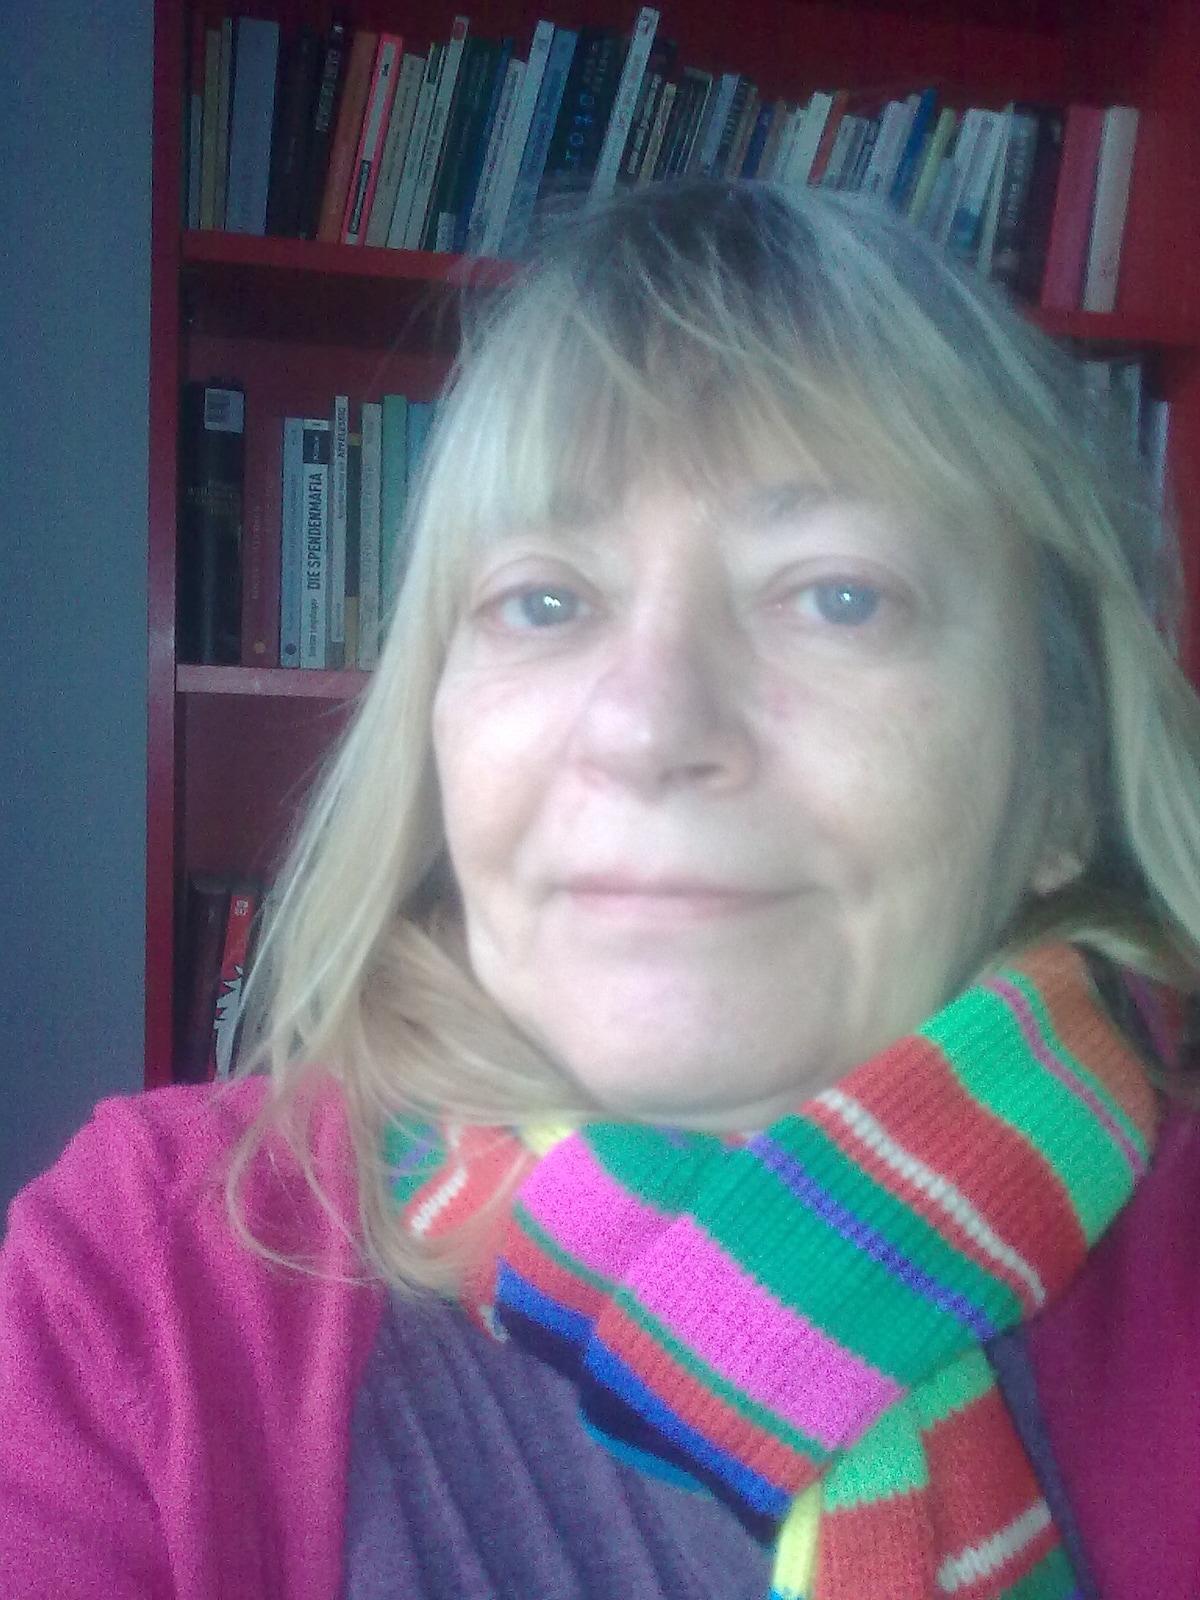 Gesine From Berlin, Germany